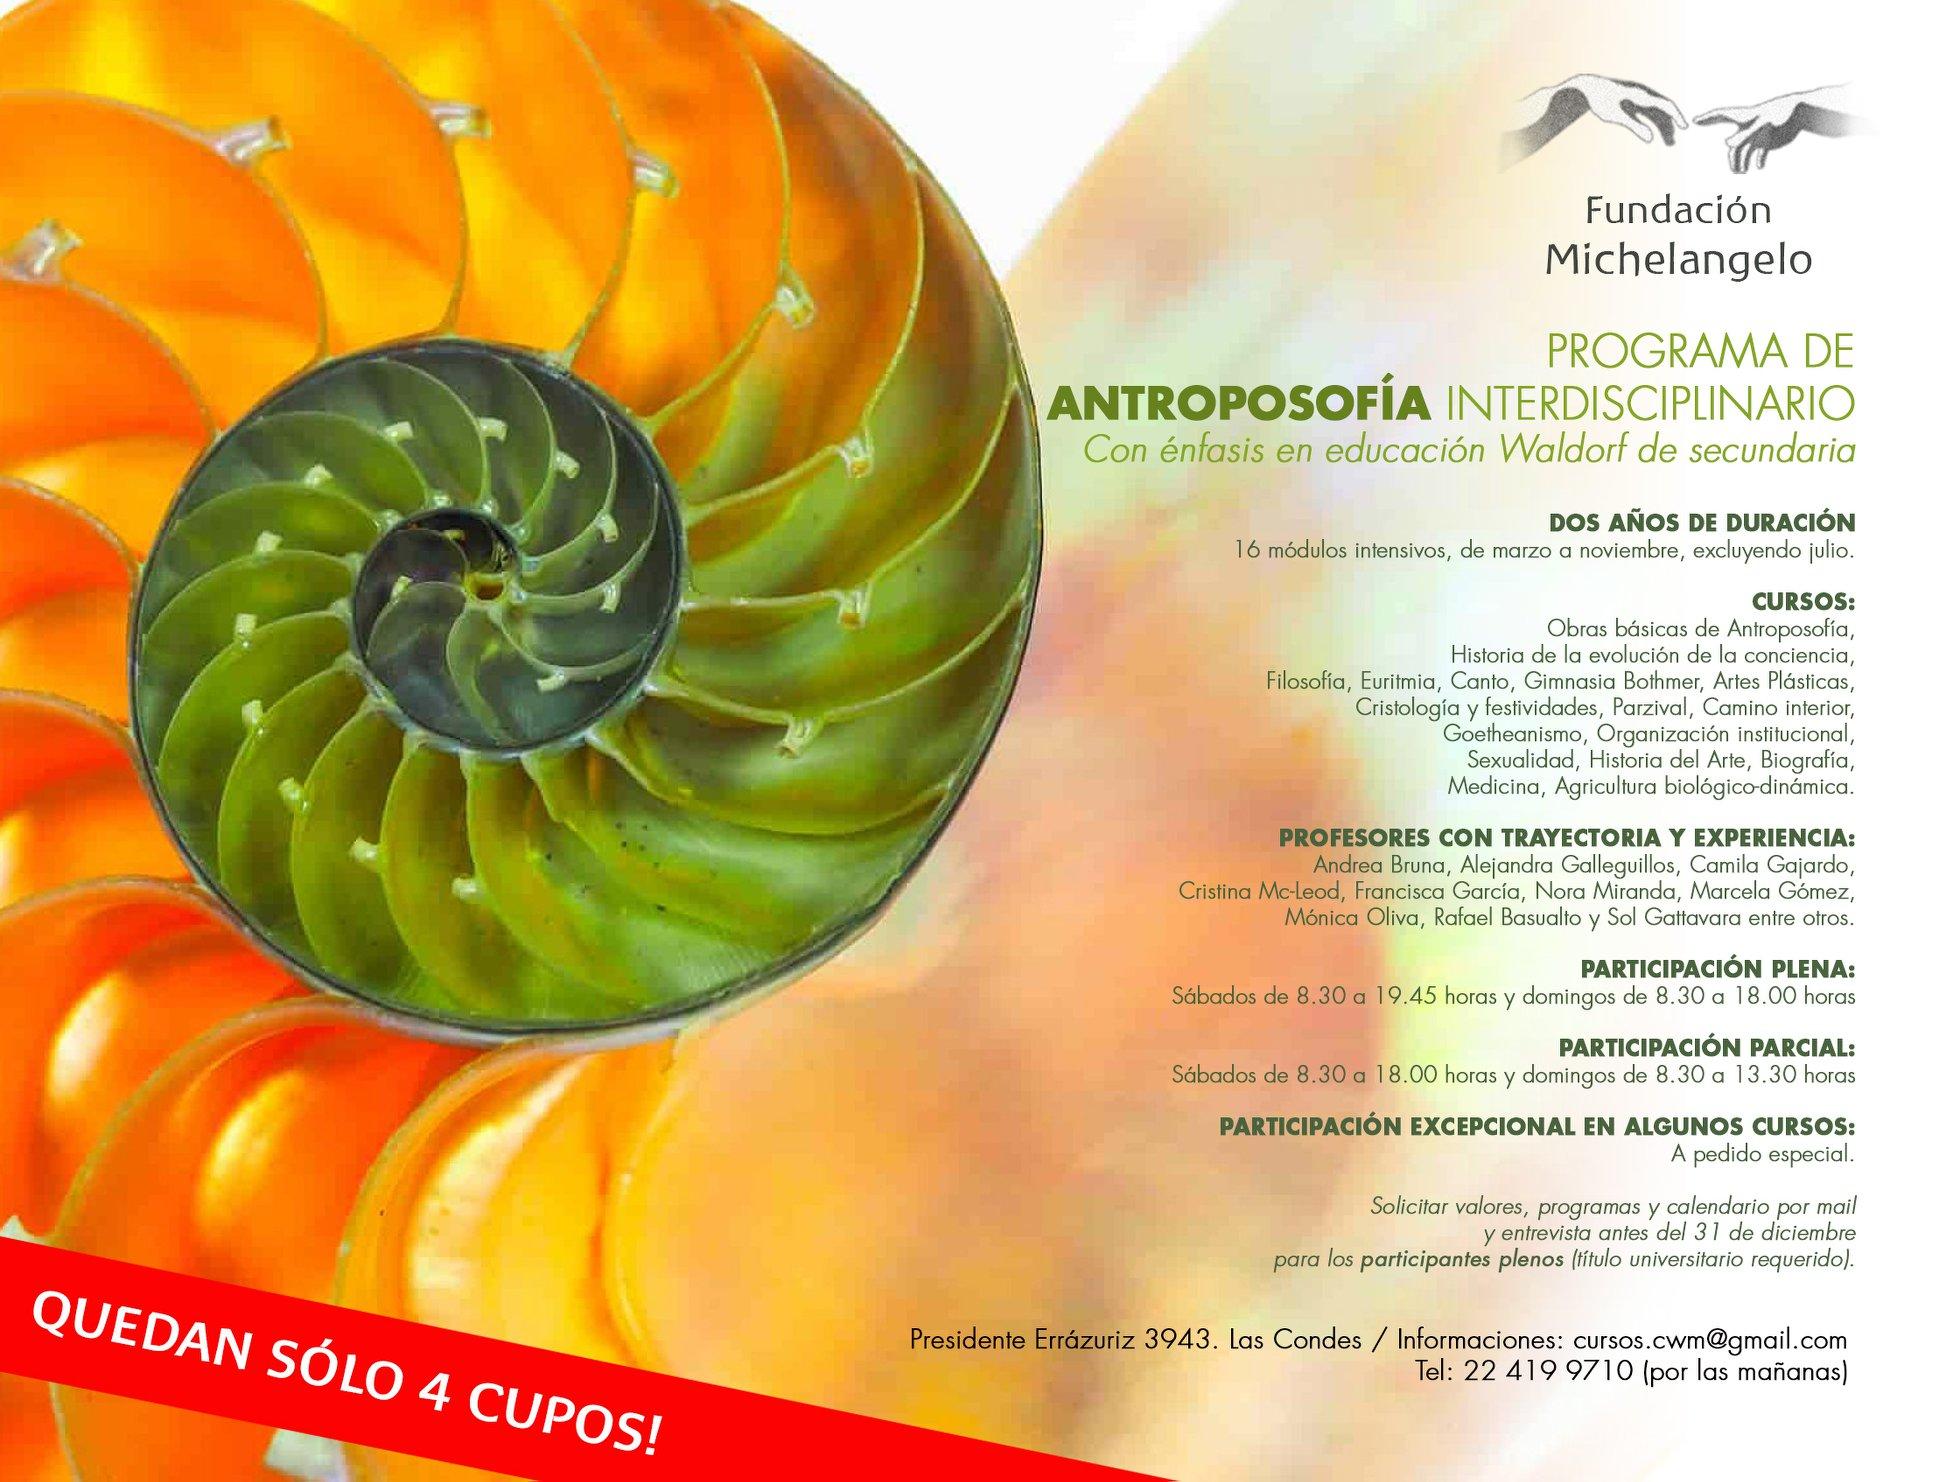 Comienza Programa de Antroposofía Interdisciplinario